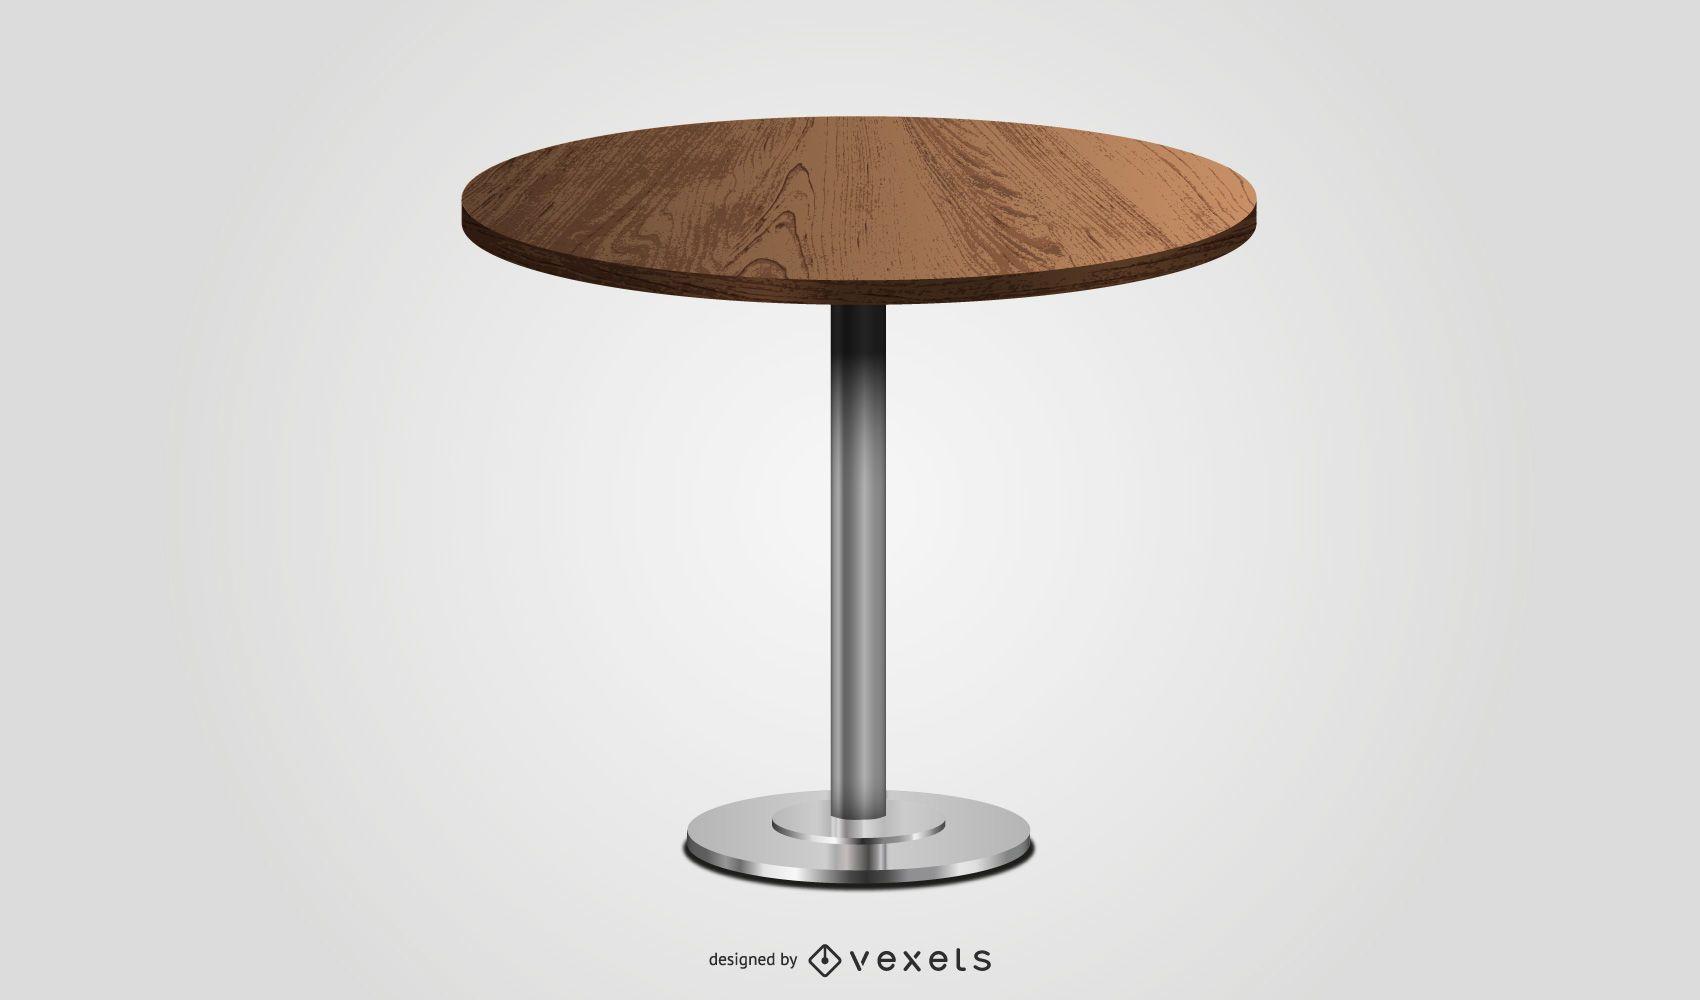 ilustraci?n de mesa de madera redonda